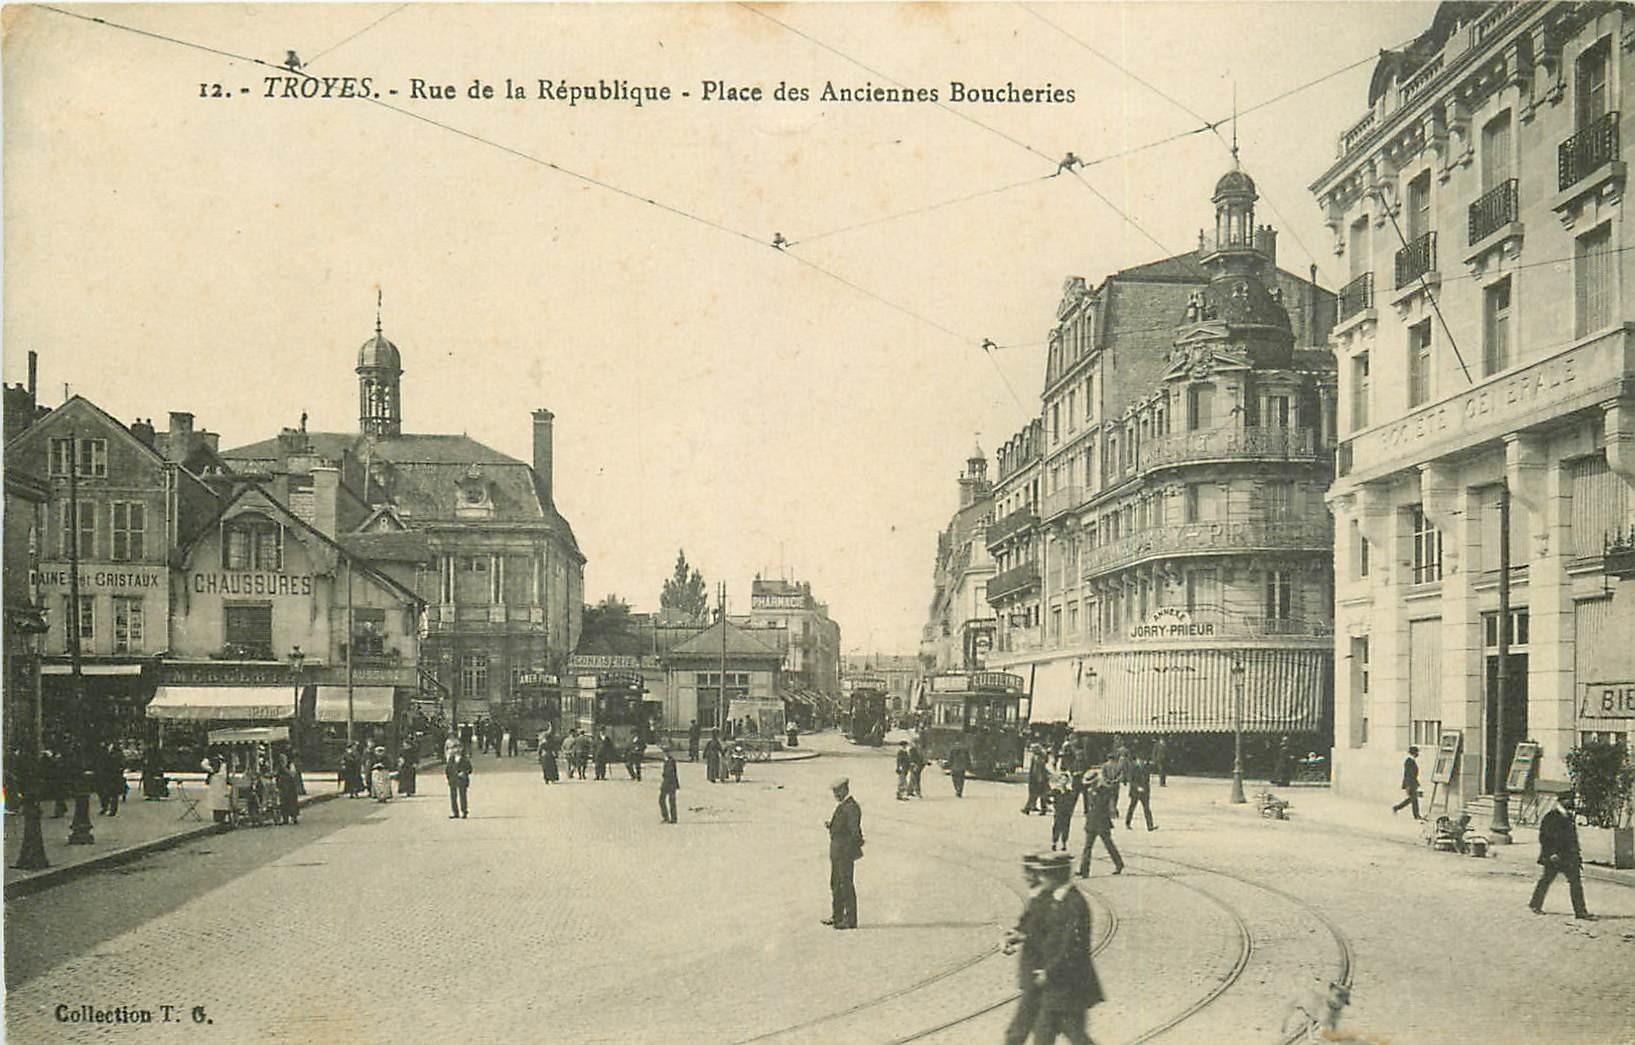 10 TROYES. Banque Société Générale Place des Anciennes Boucheries et rue République 1915